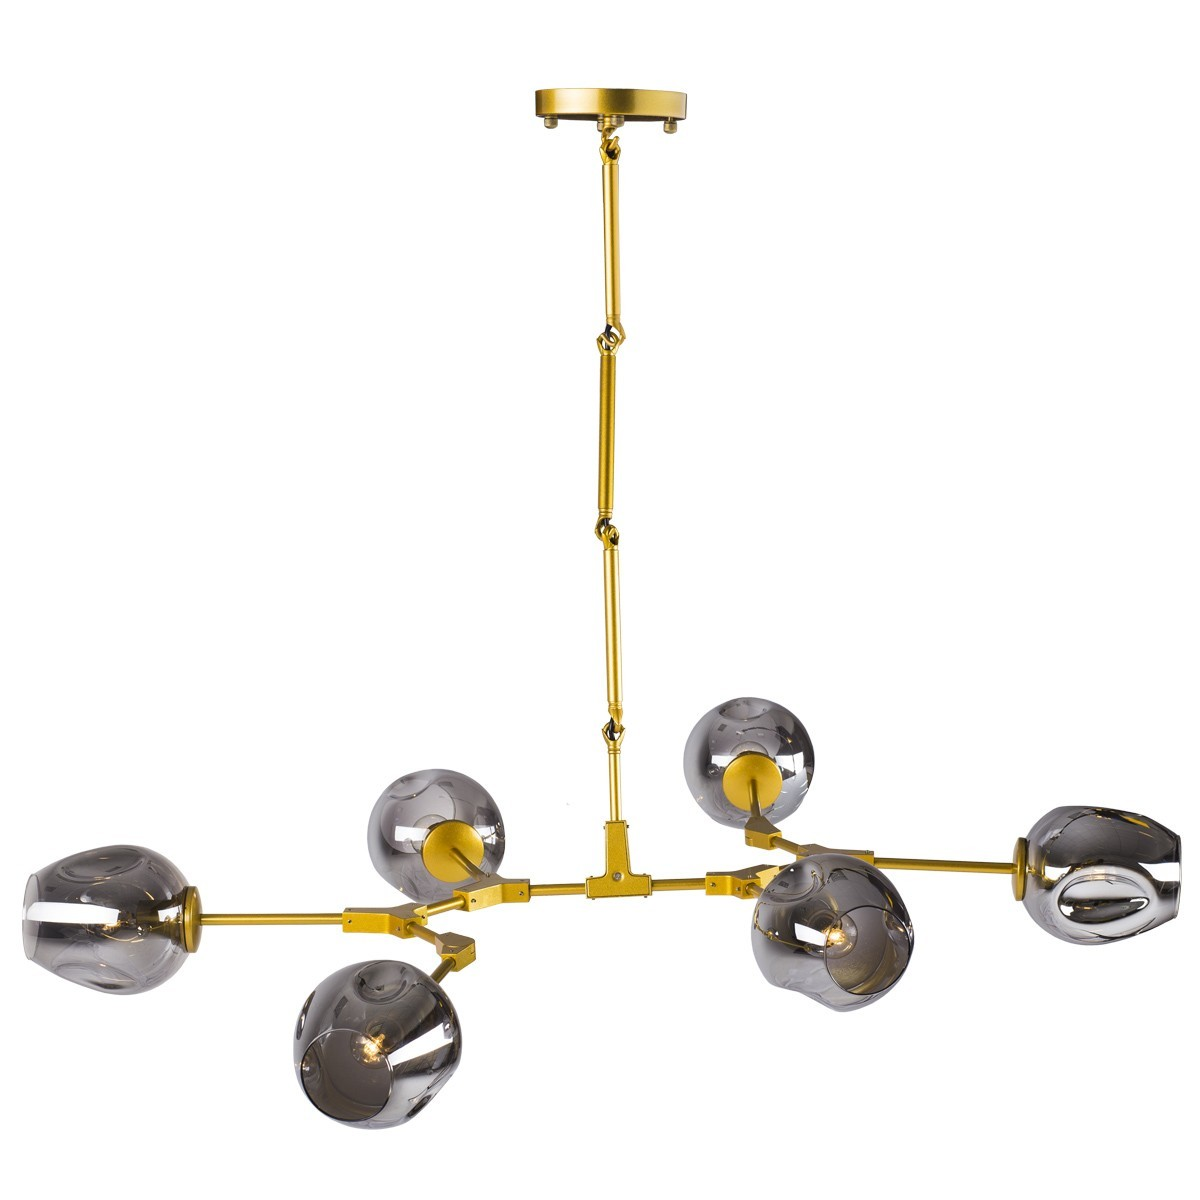 Lampa wisząca MODERN ORCHID-6 złoto szara 130 cm ST-1232-6 GOLD - Step into design Do -17% rabatu w koszyku i darmowa dostawa od 299zł !